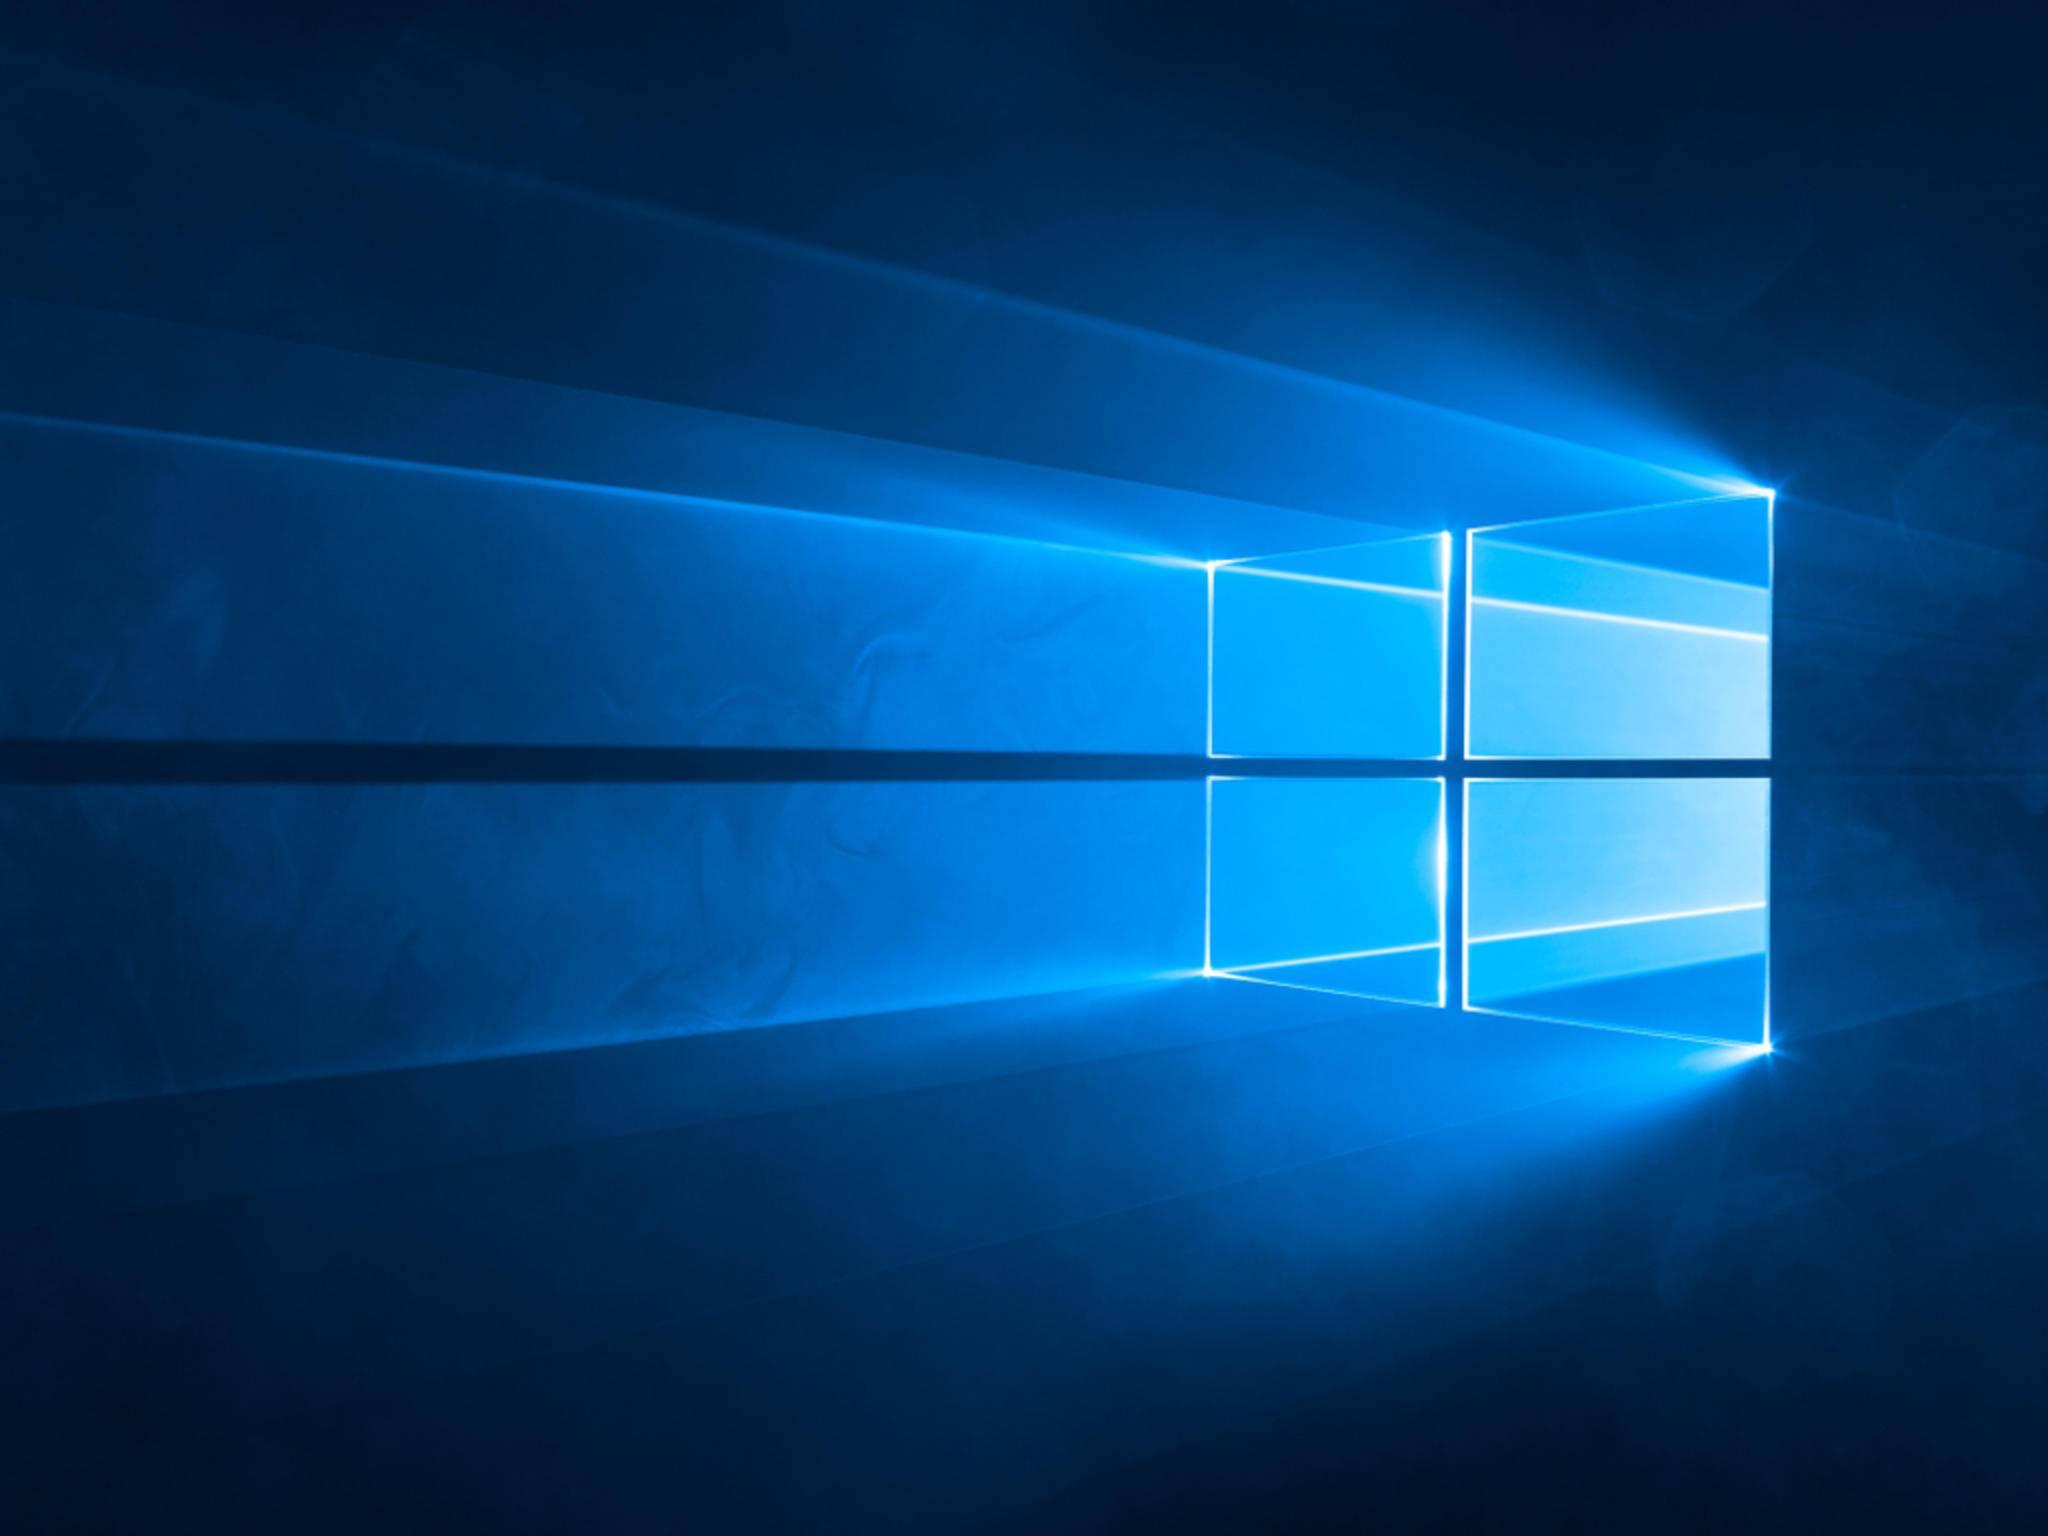 Der Stock-Wallpaper für Windows 10 ist ab sofort verfügbar.